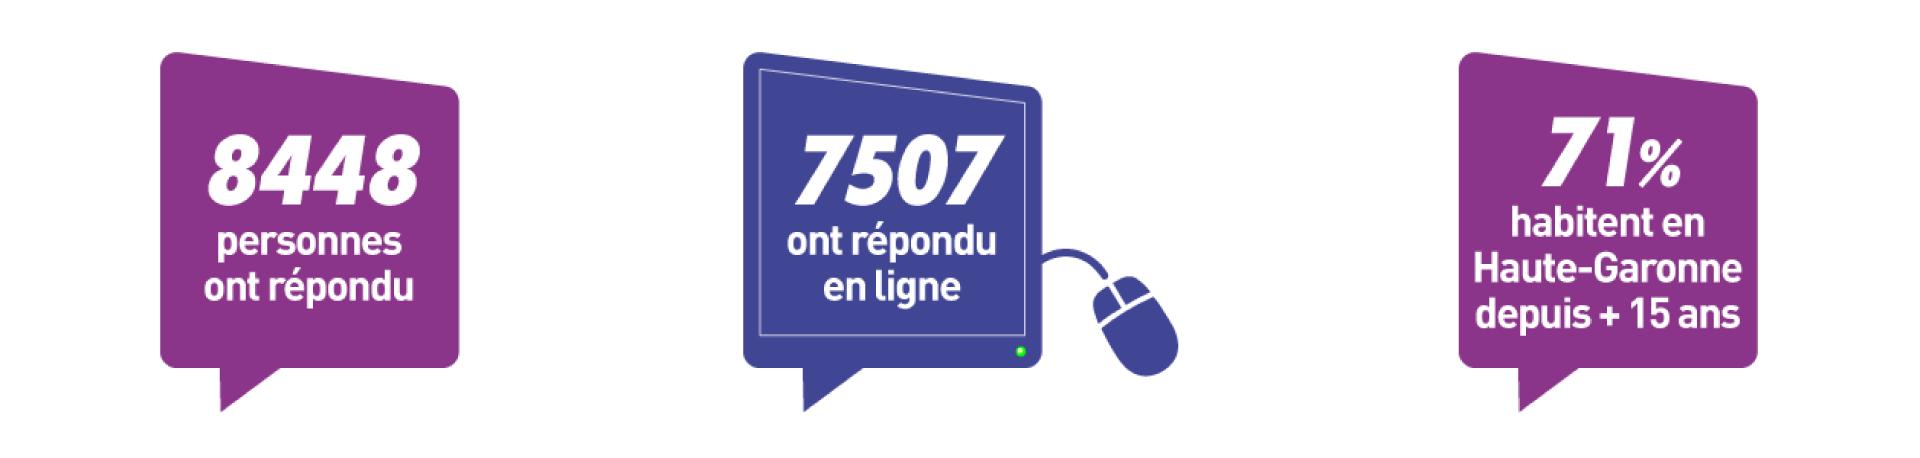 8448 personnes ont répondu ⎮ 7507 ont répondu en ligne ⎮ 71% habitent en Haute-Garonne depuis plus de 15 ans⎮